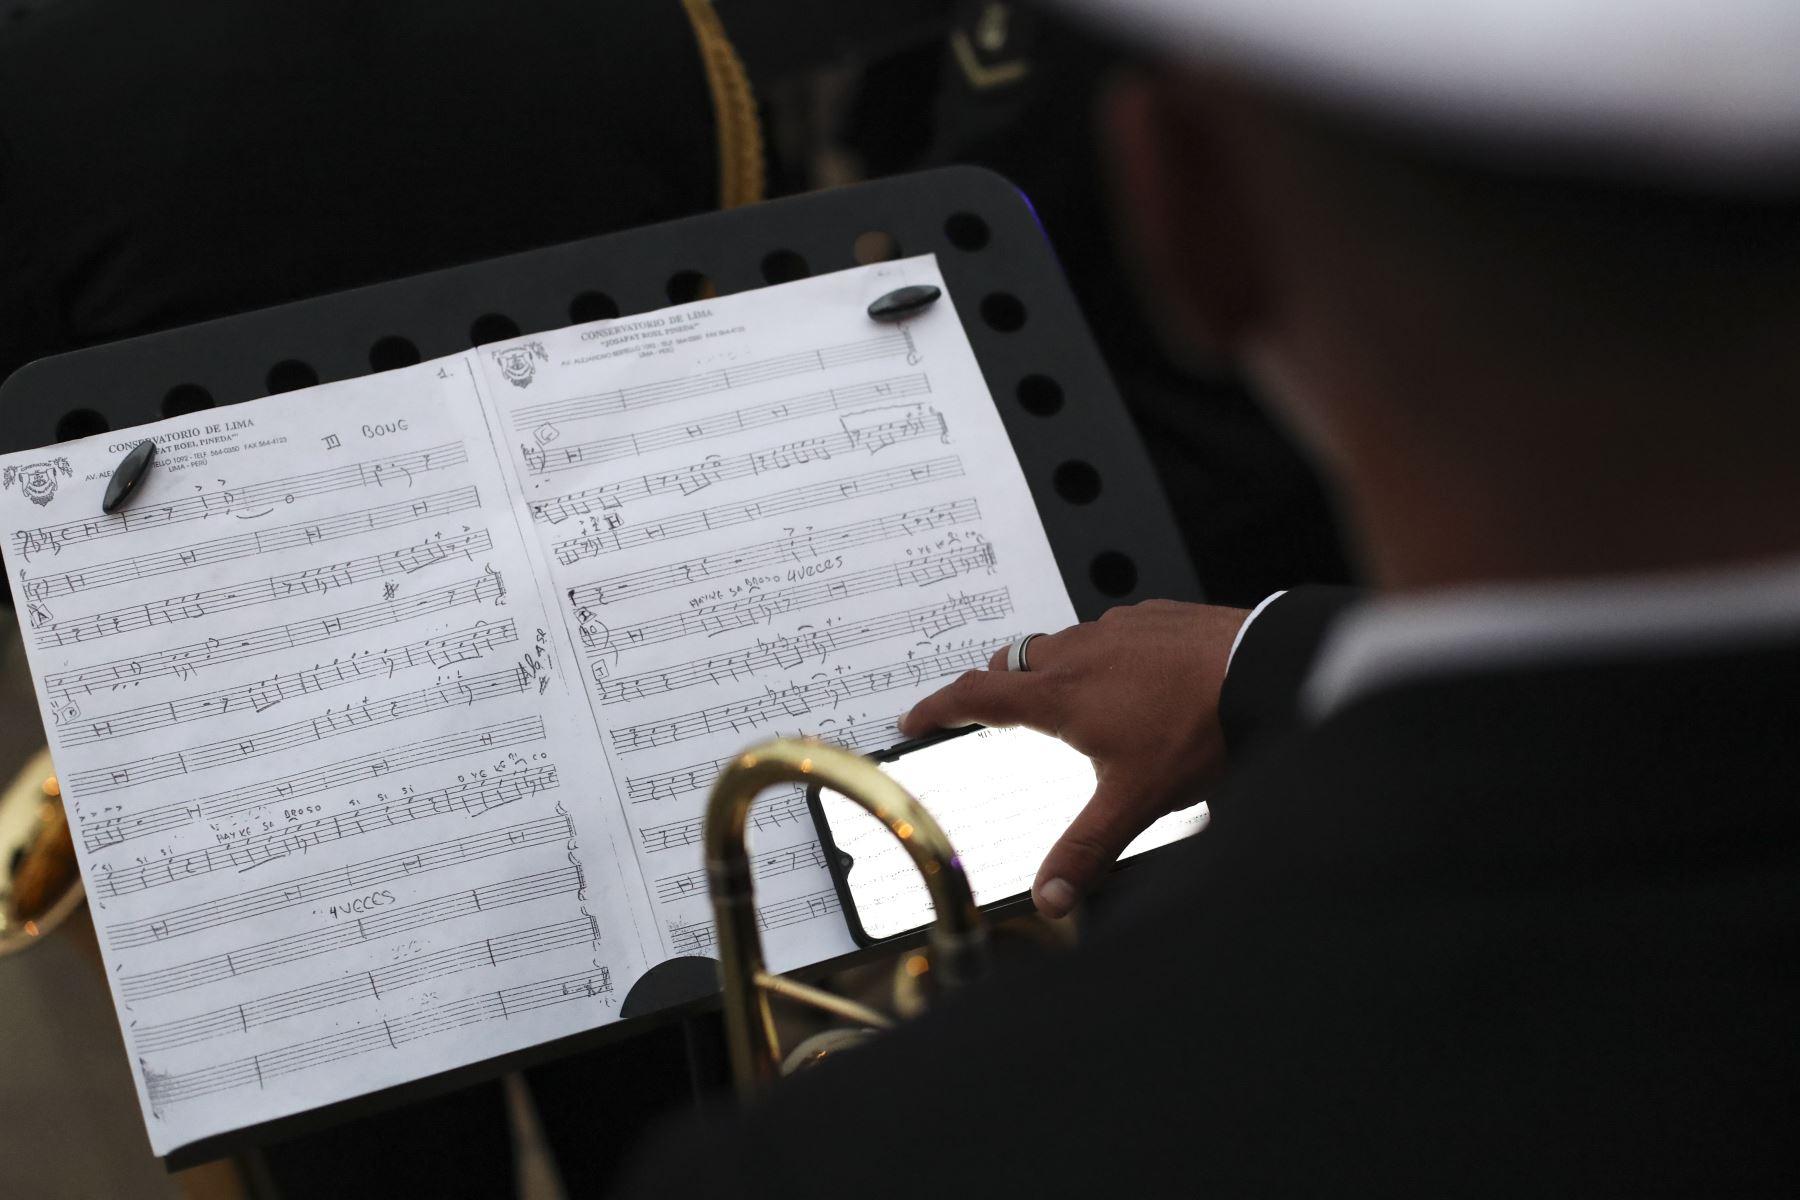 La Banda Conjunta de las Fuerzas Armadas ofreció esta noche una retreta musical en el Circuito Mágico del Agua en el marco de las celebraciones por su día. Decenas de personas disfrutaron de una velada de entretenimiento, música y danzas. Foto: ANDINA/Carla Patiño